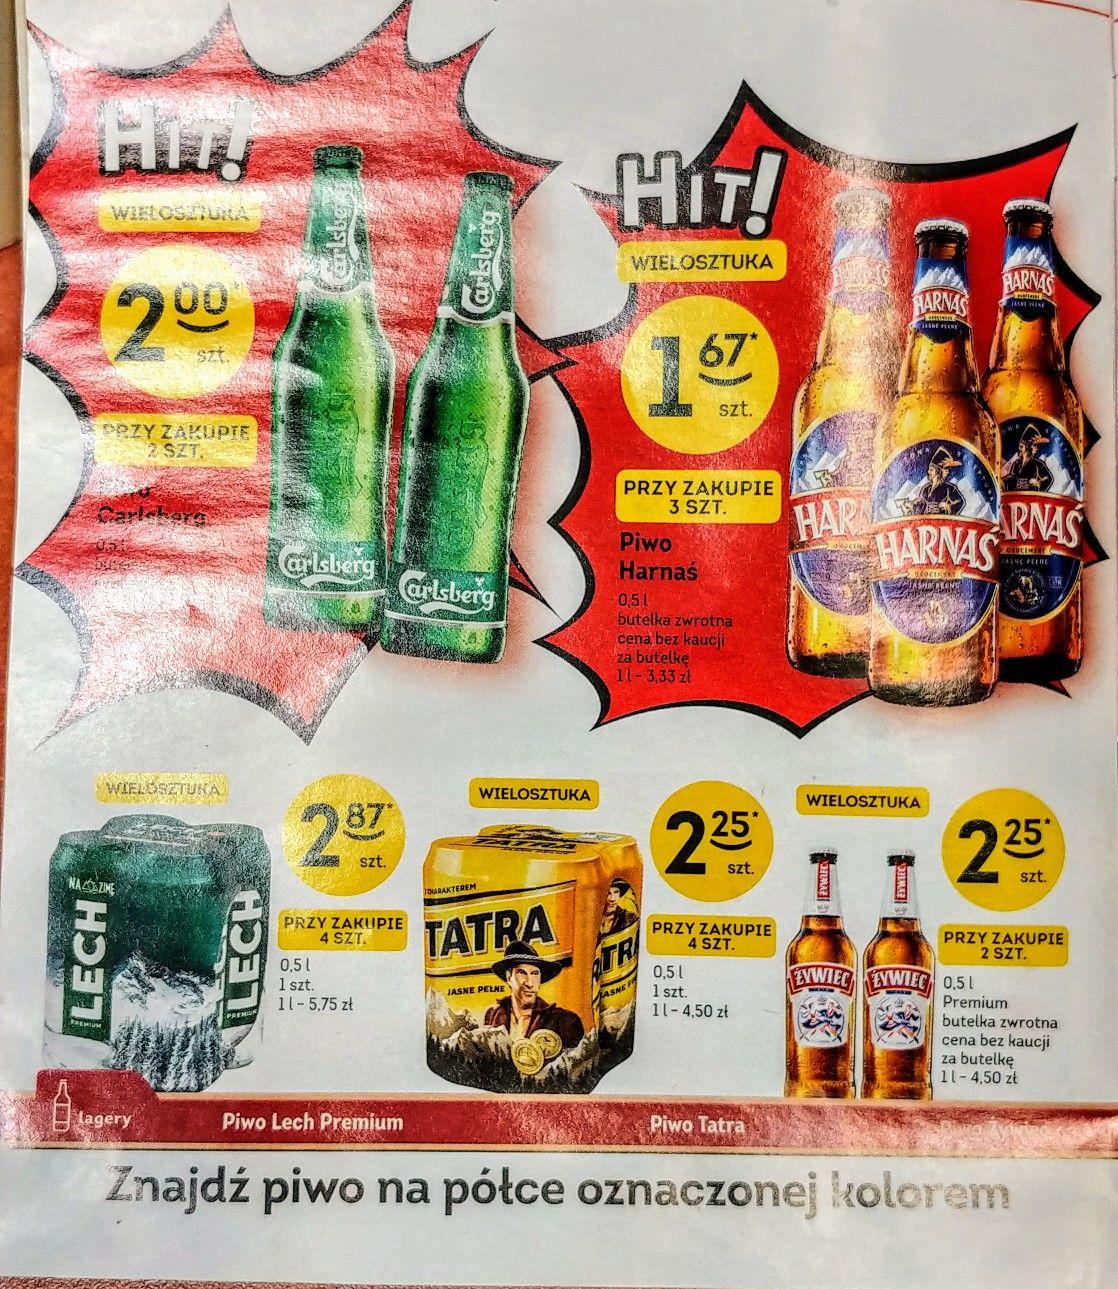 Piwo w Żabce - Carlsberg 2zl - Harnaś 1.67zl